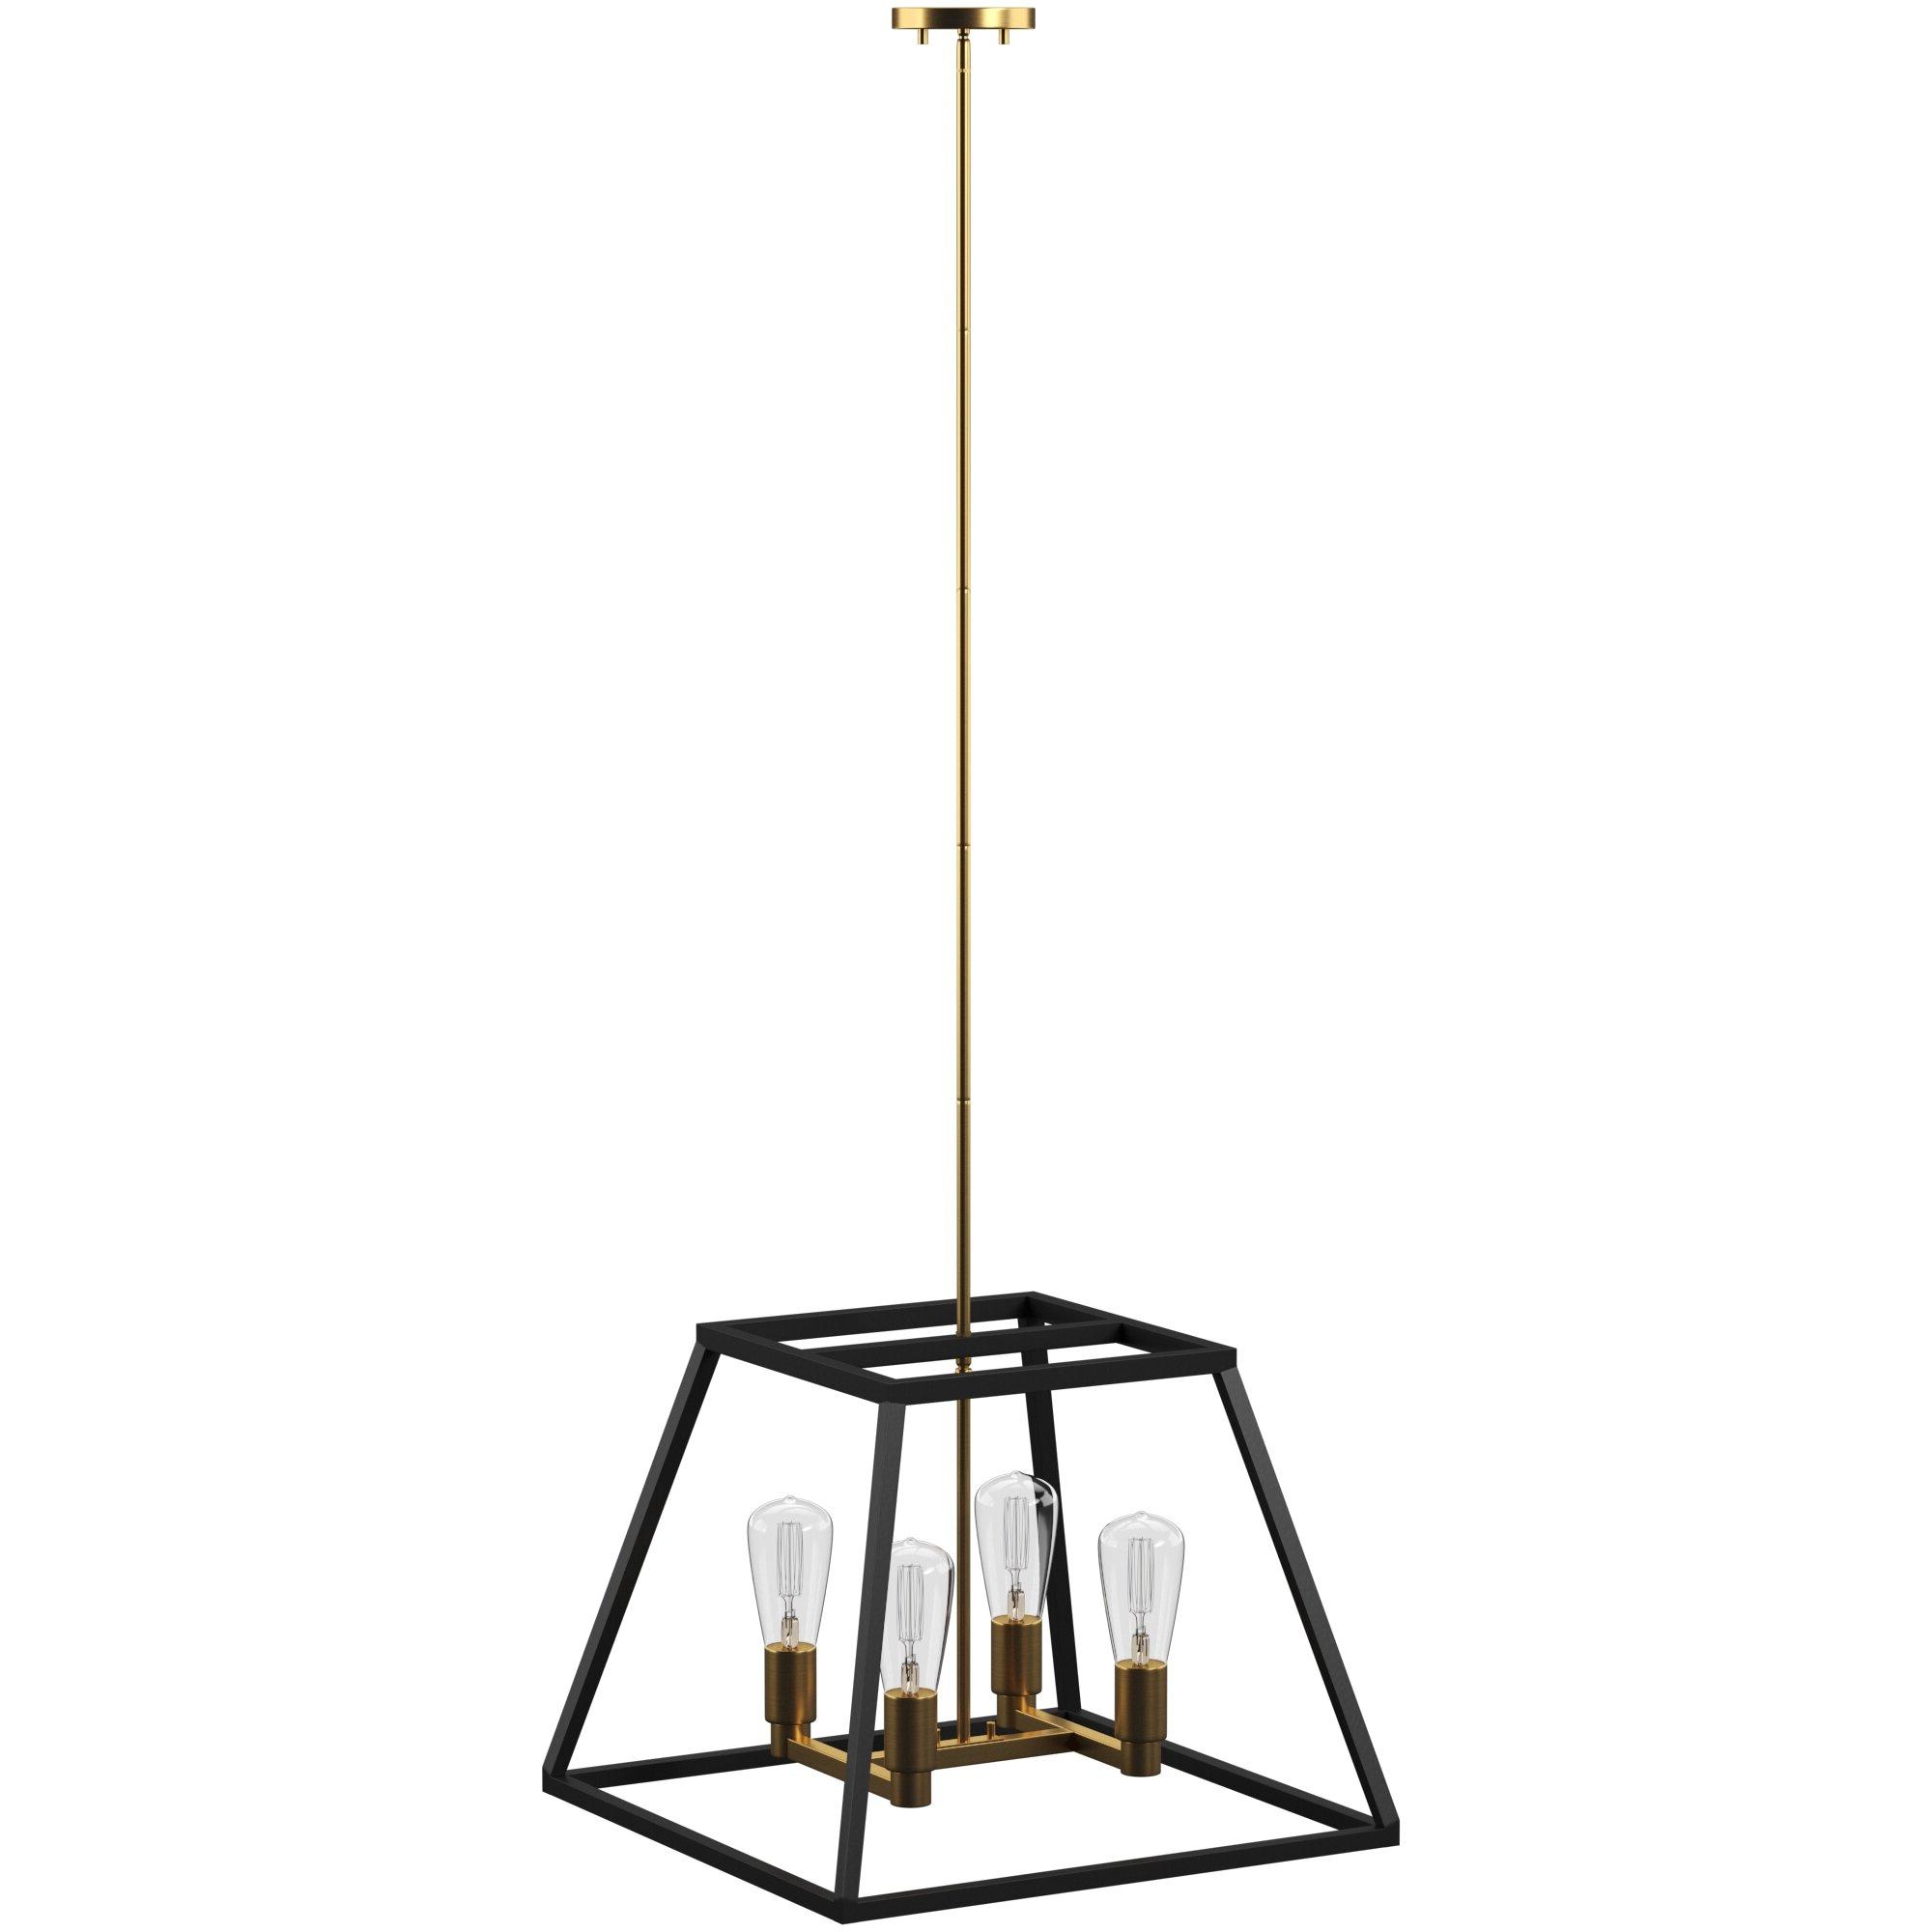 Well Liked Shisler 4 Light Square/rectangle Chandelier For Delon 4 Light Square Chandeliers (View 19 of 20)